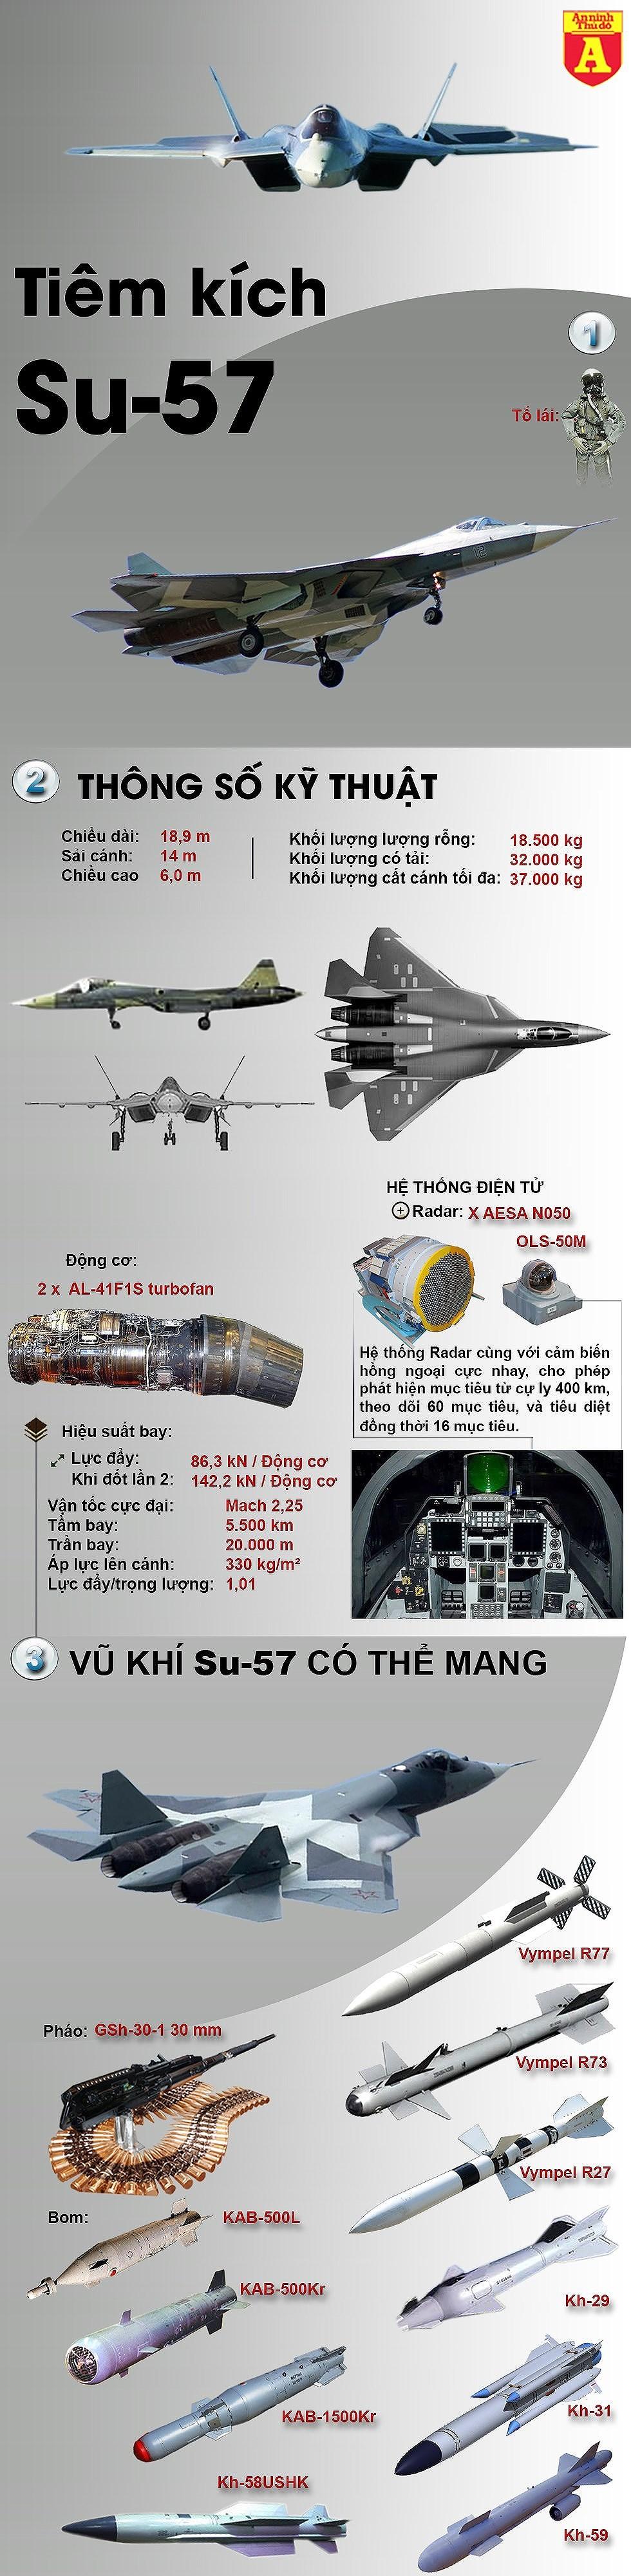 [Infographics] Su-57 thiếu động cơ, Nga khó chào hàng Thổ Nhĩ Kỳ - Ảnh 1